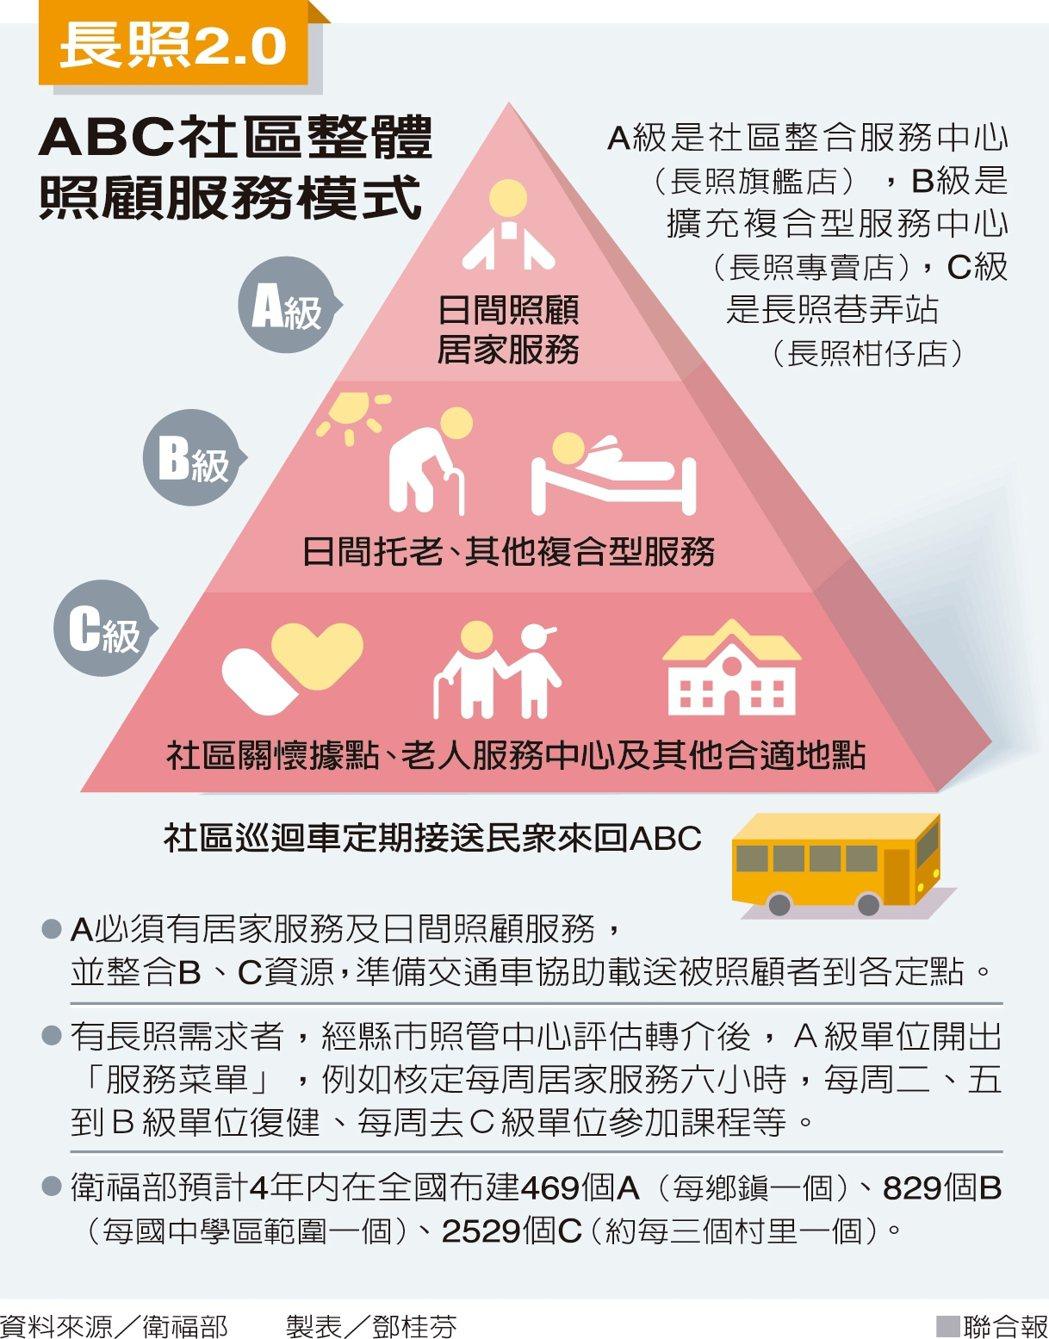 長照2.0 ABC社區整體照顧服務模式 製表/鄧桂芬